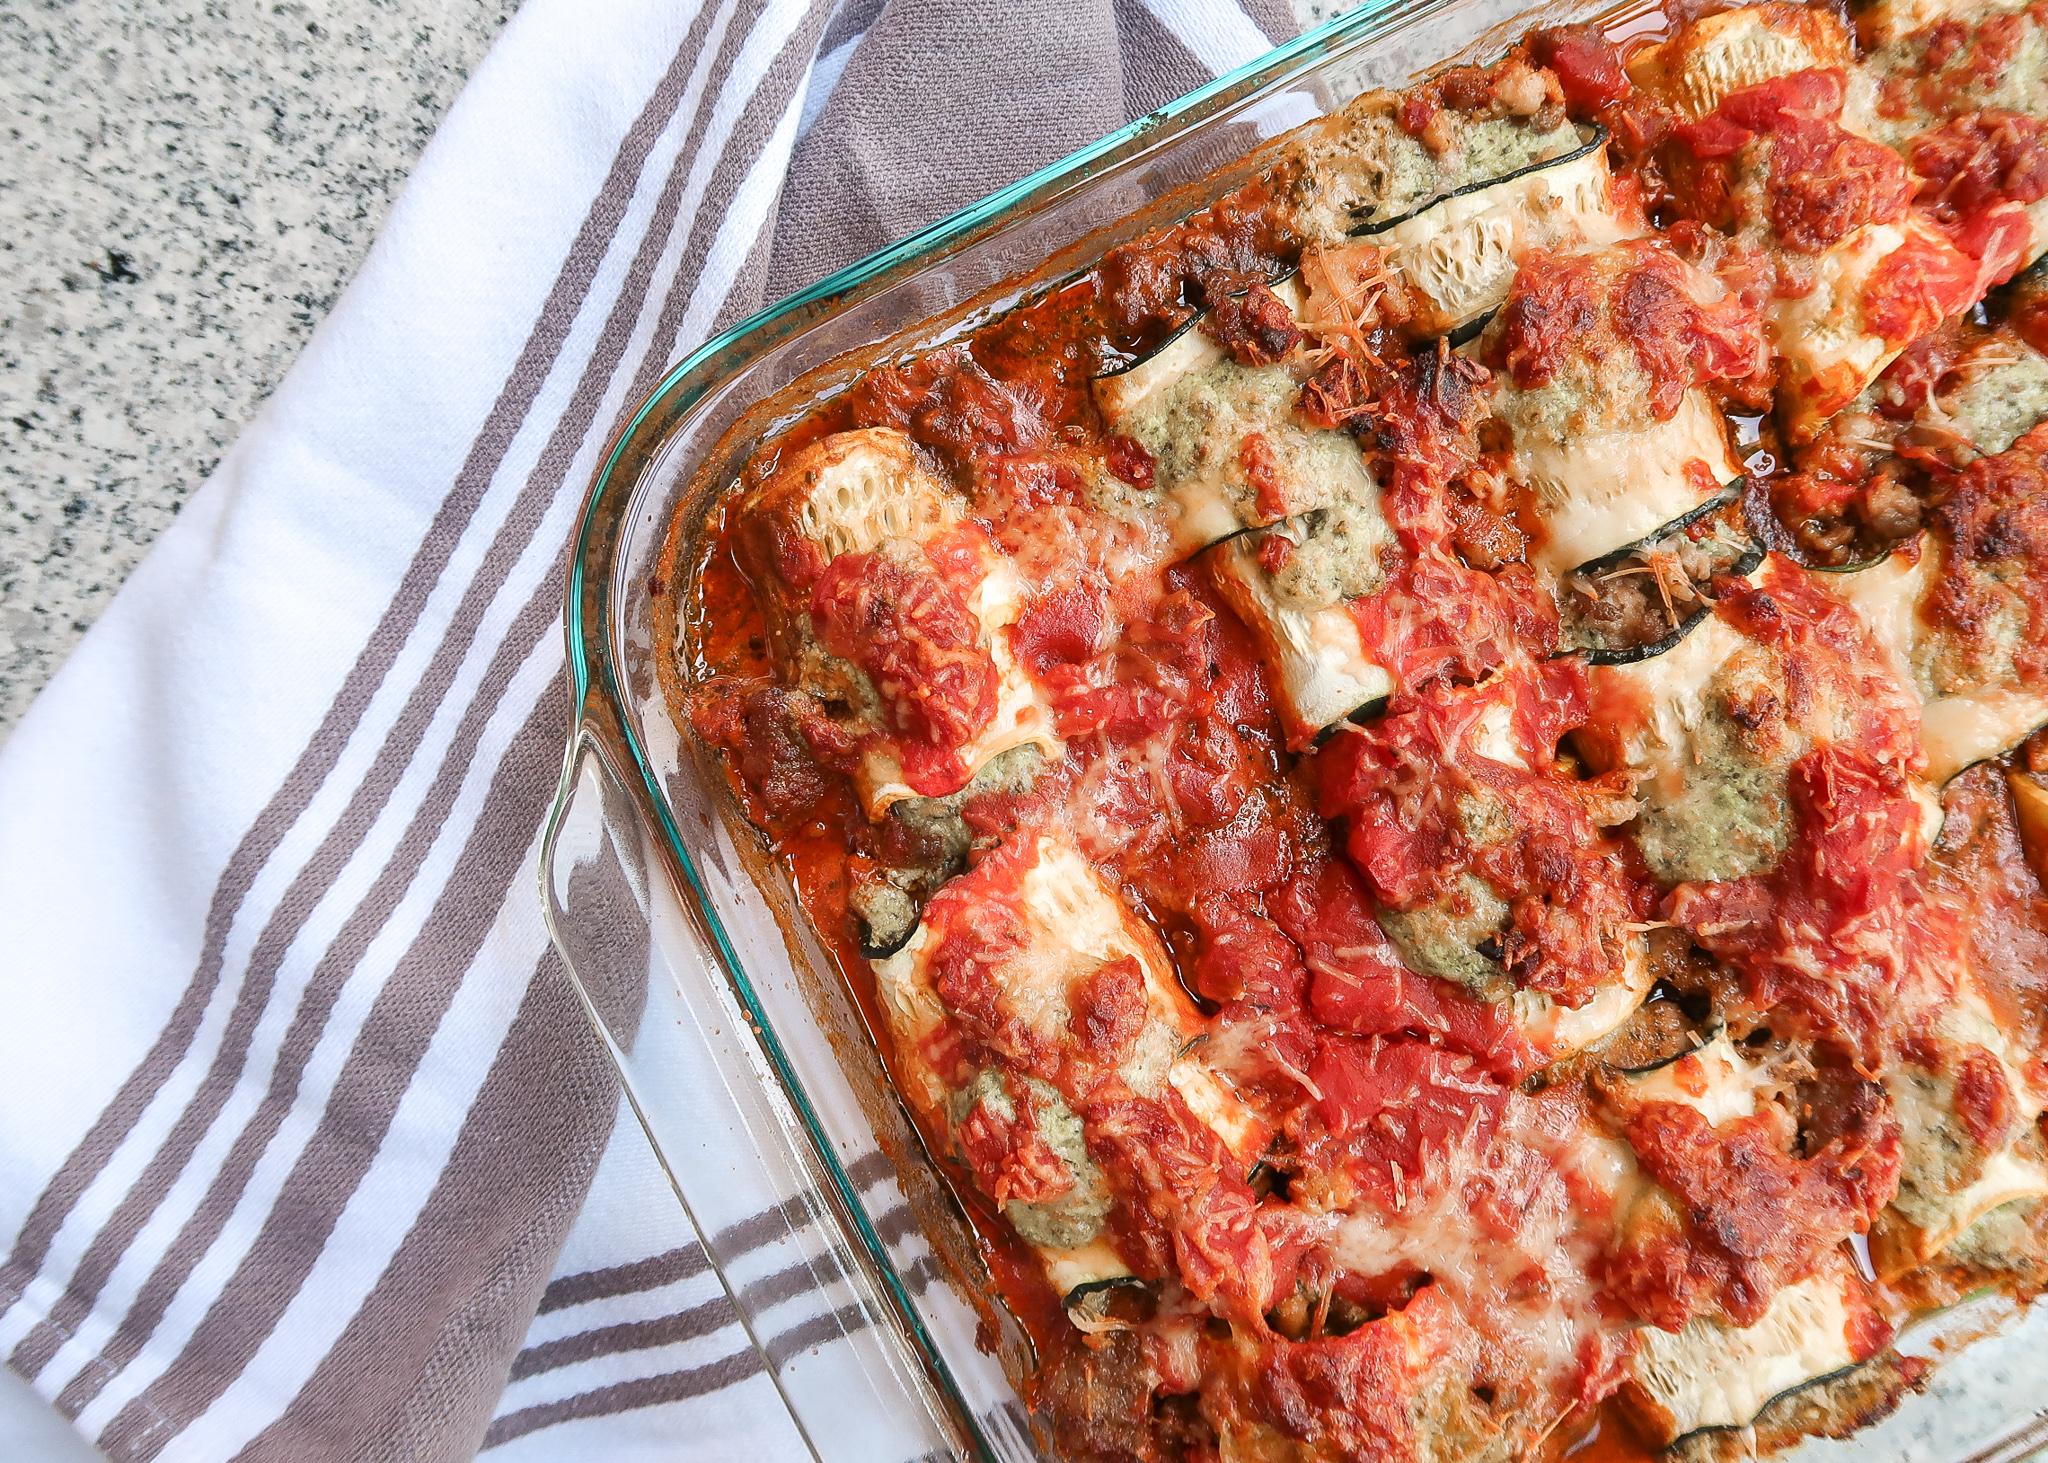 pesto-and-ricotta-zucchini-rollups-1.jpg